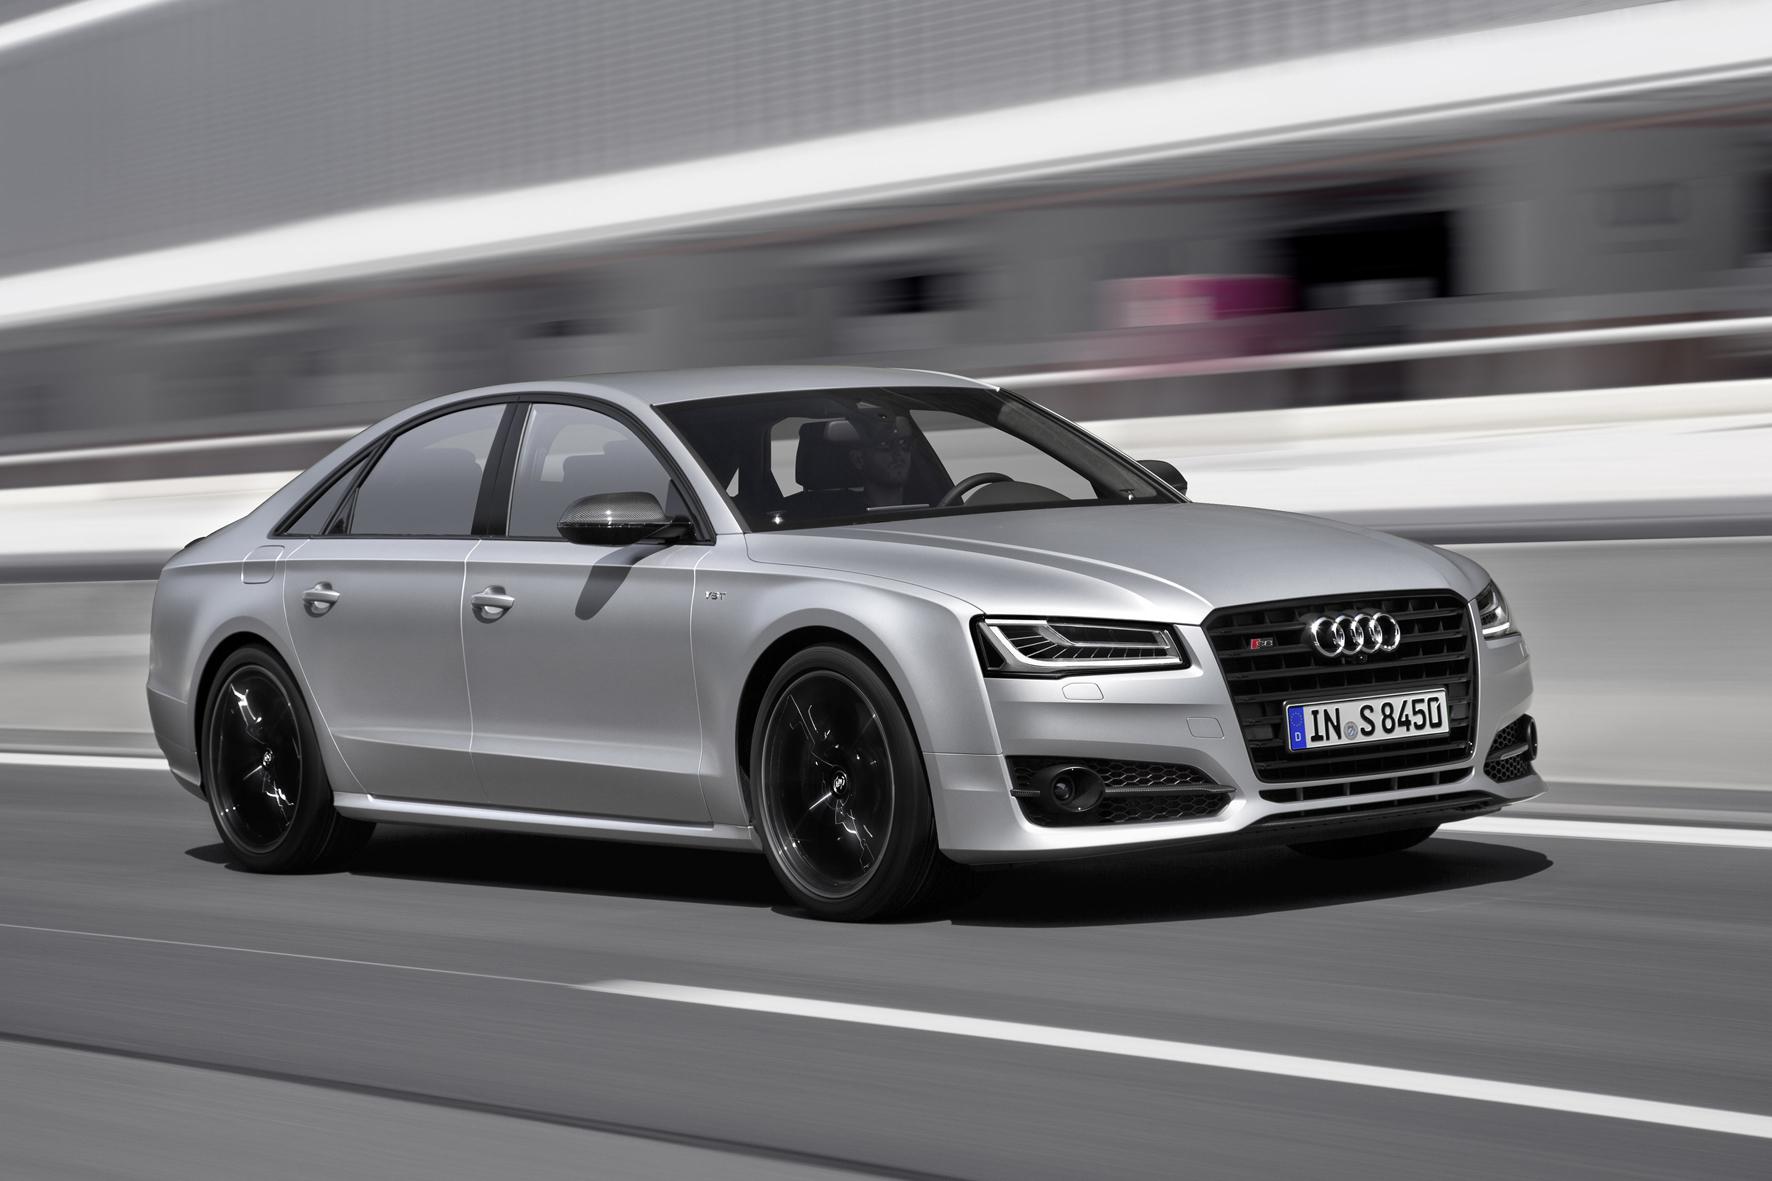 """mid Düsseldorf - Auf die Spitze getrieben: Wem Audis Oberklasse-Limousine S8 mit 520 PS noch nicht sportlich genug ist, kann jetzt die """"plus""""-Variante mit 605 PS zum Preis ab 145.200 Euro ordern."""